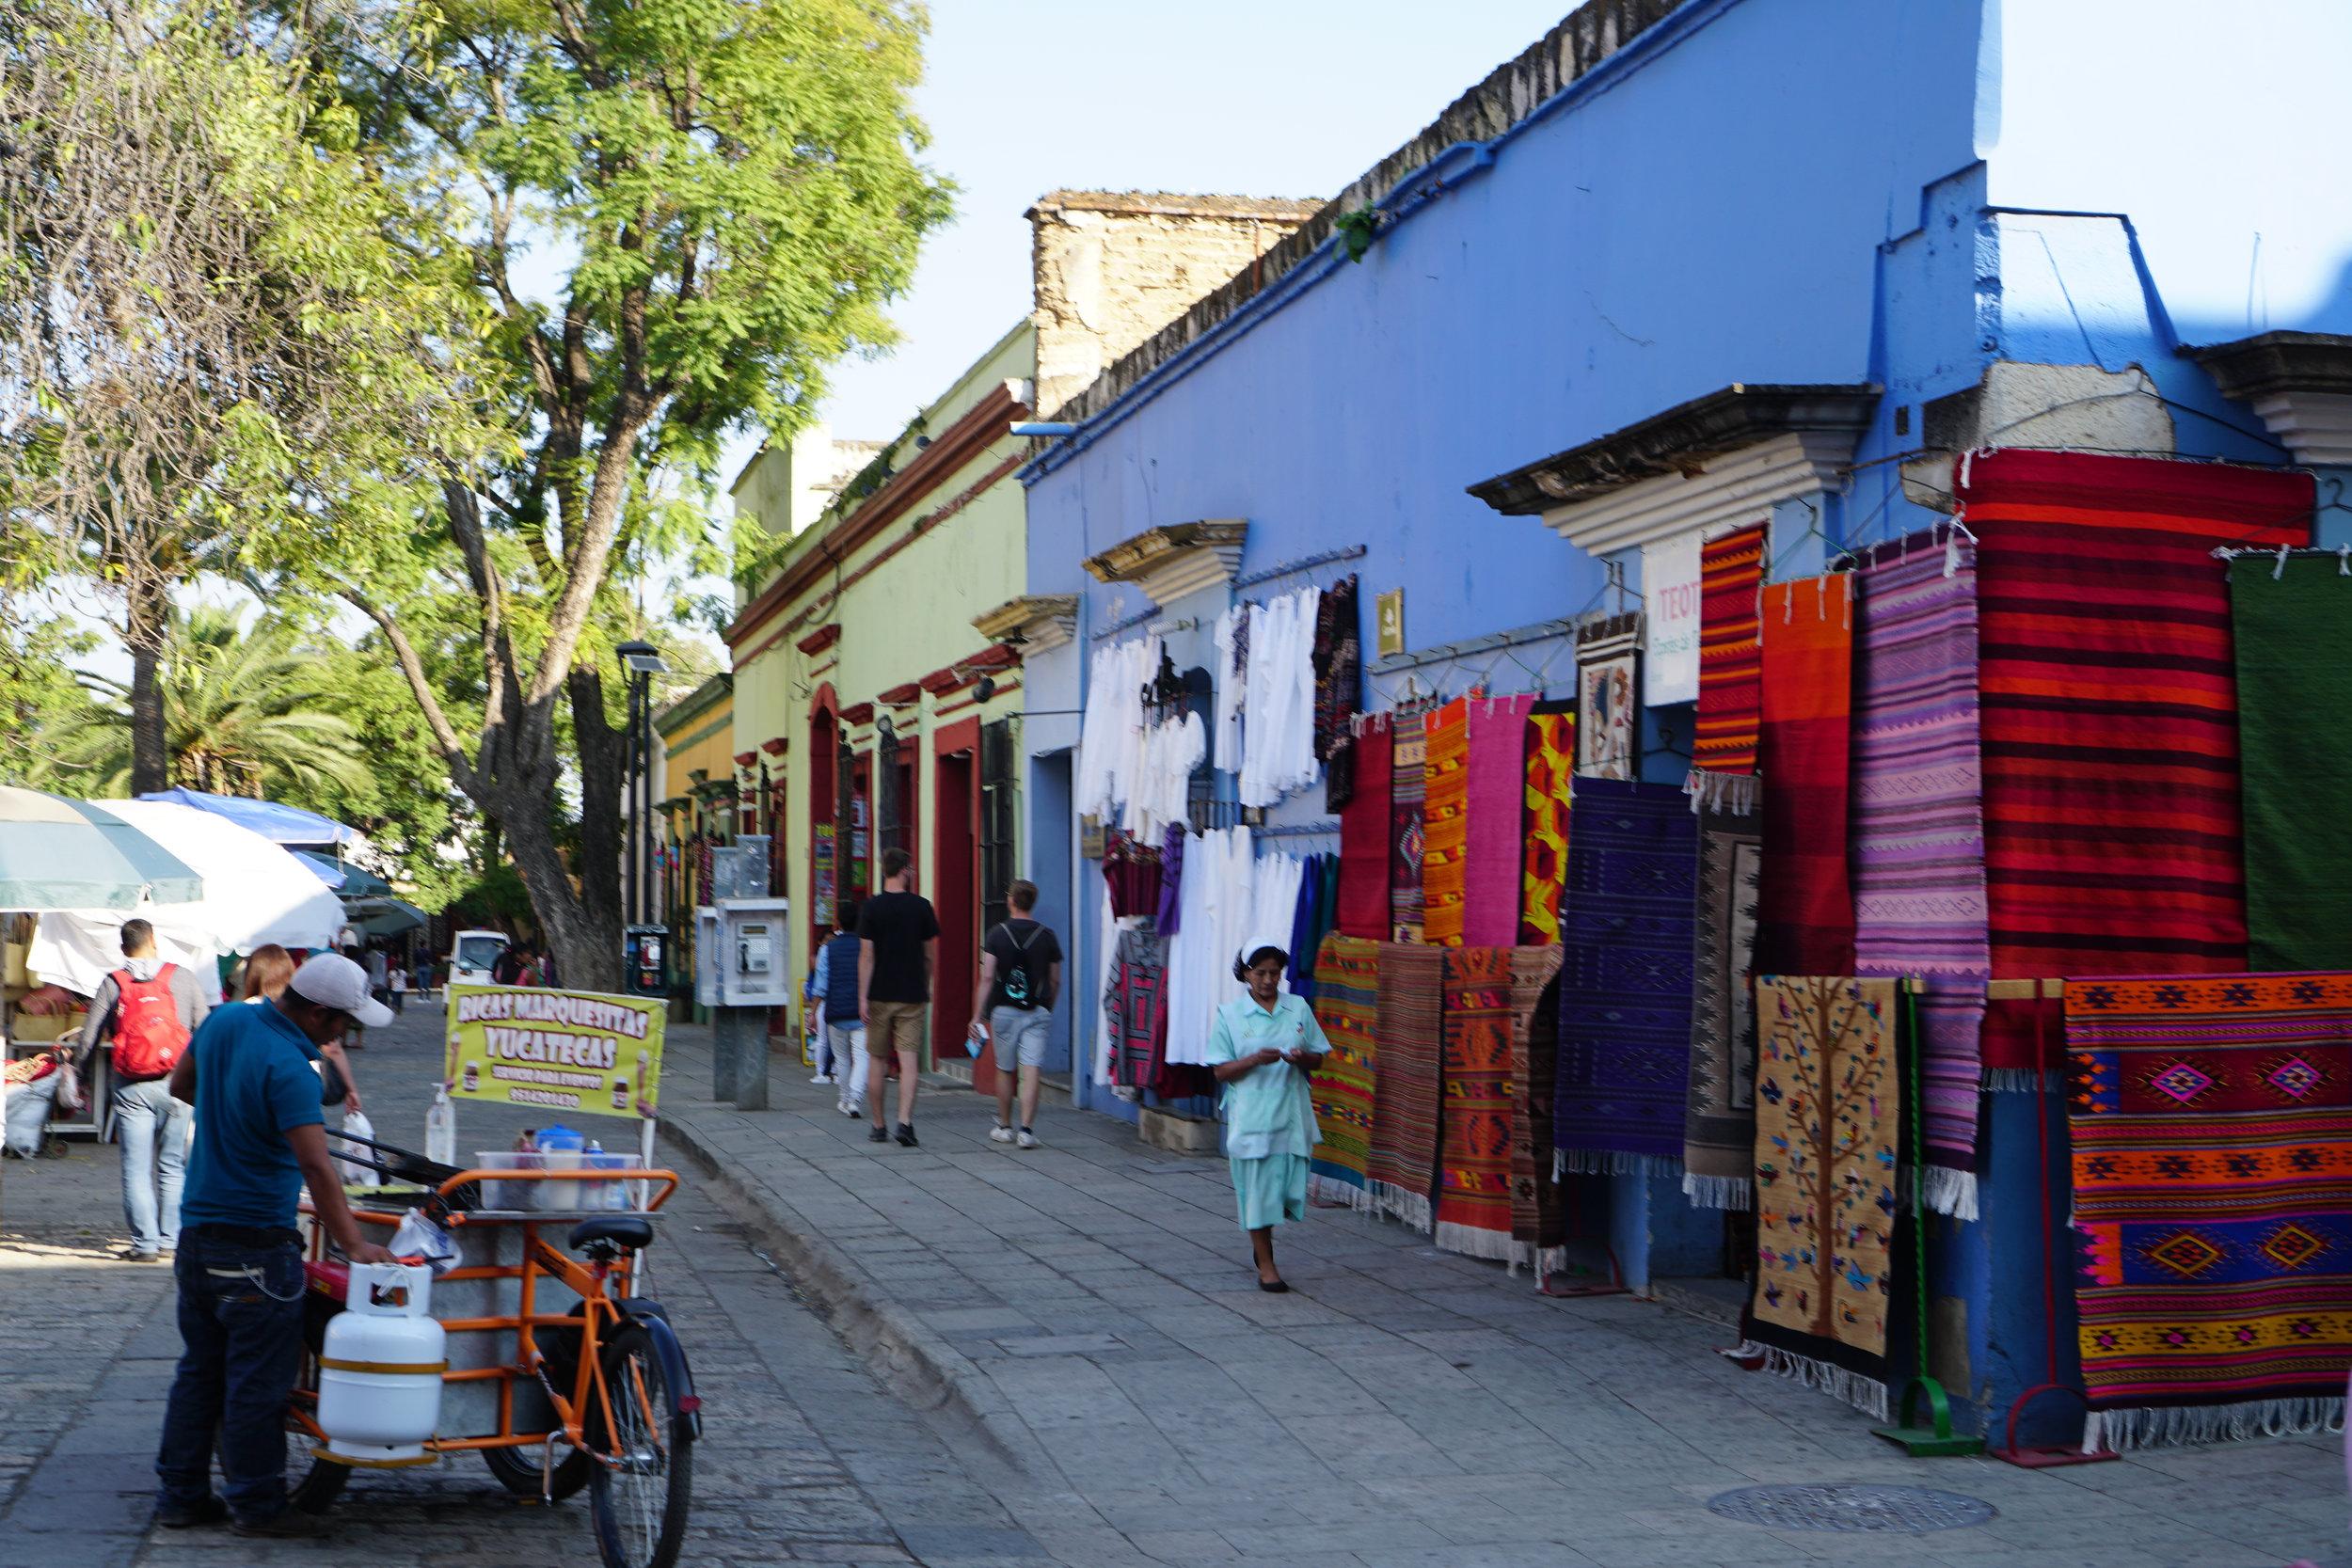 Insiders Guide to Oaxaca - www.letsregale.com 24.jpg